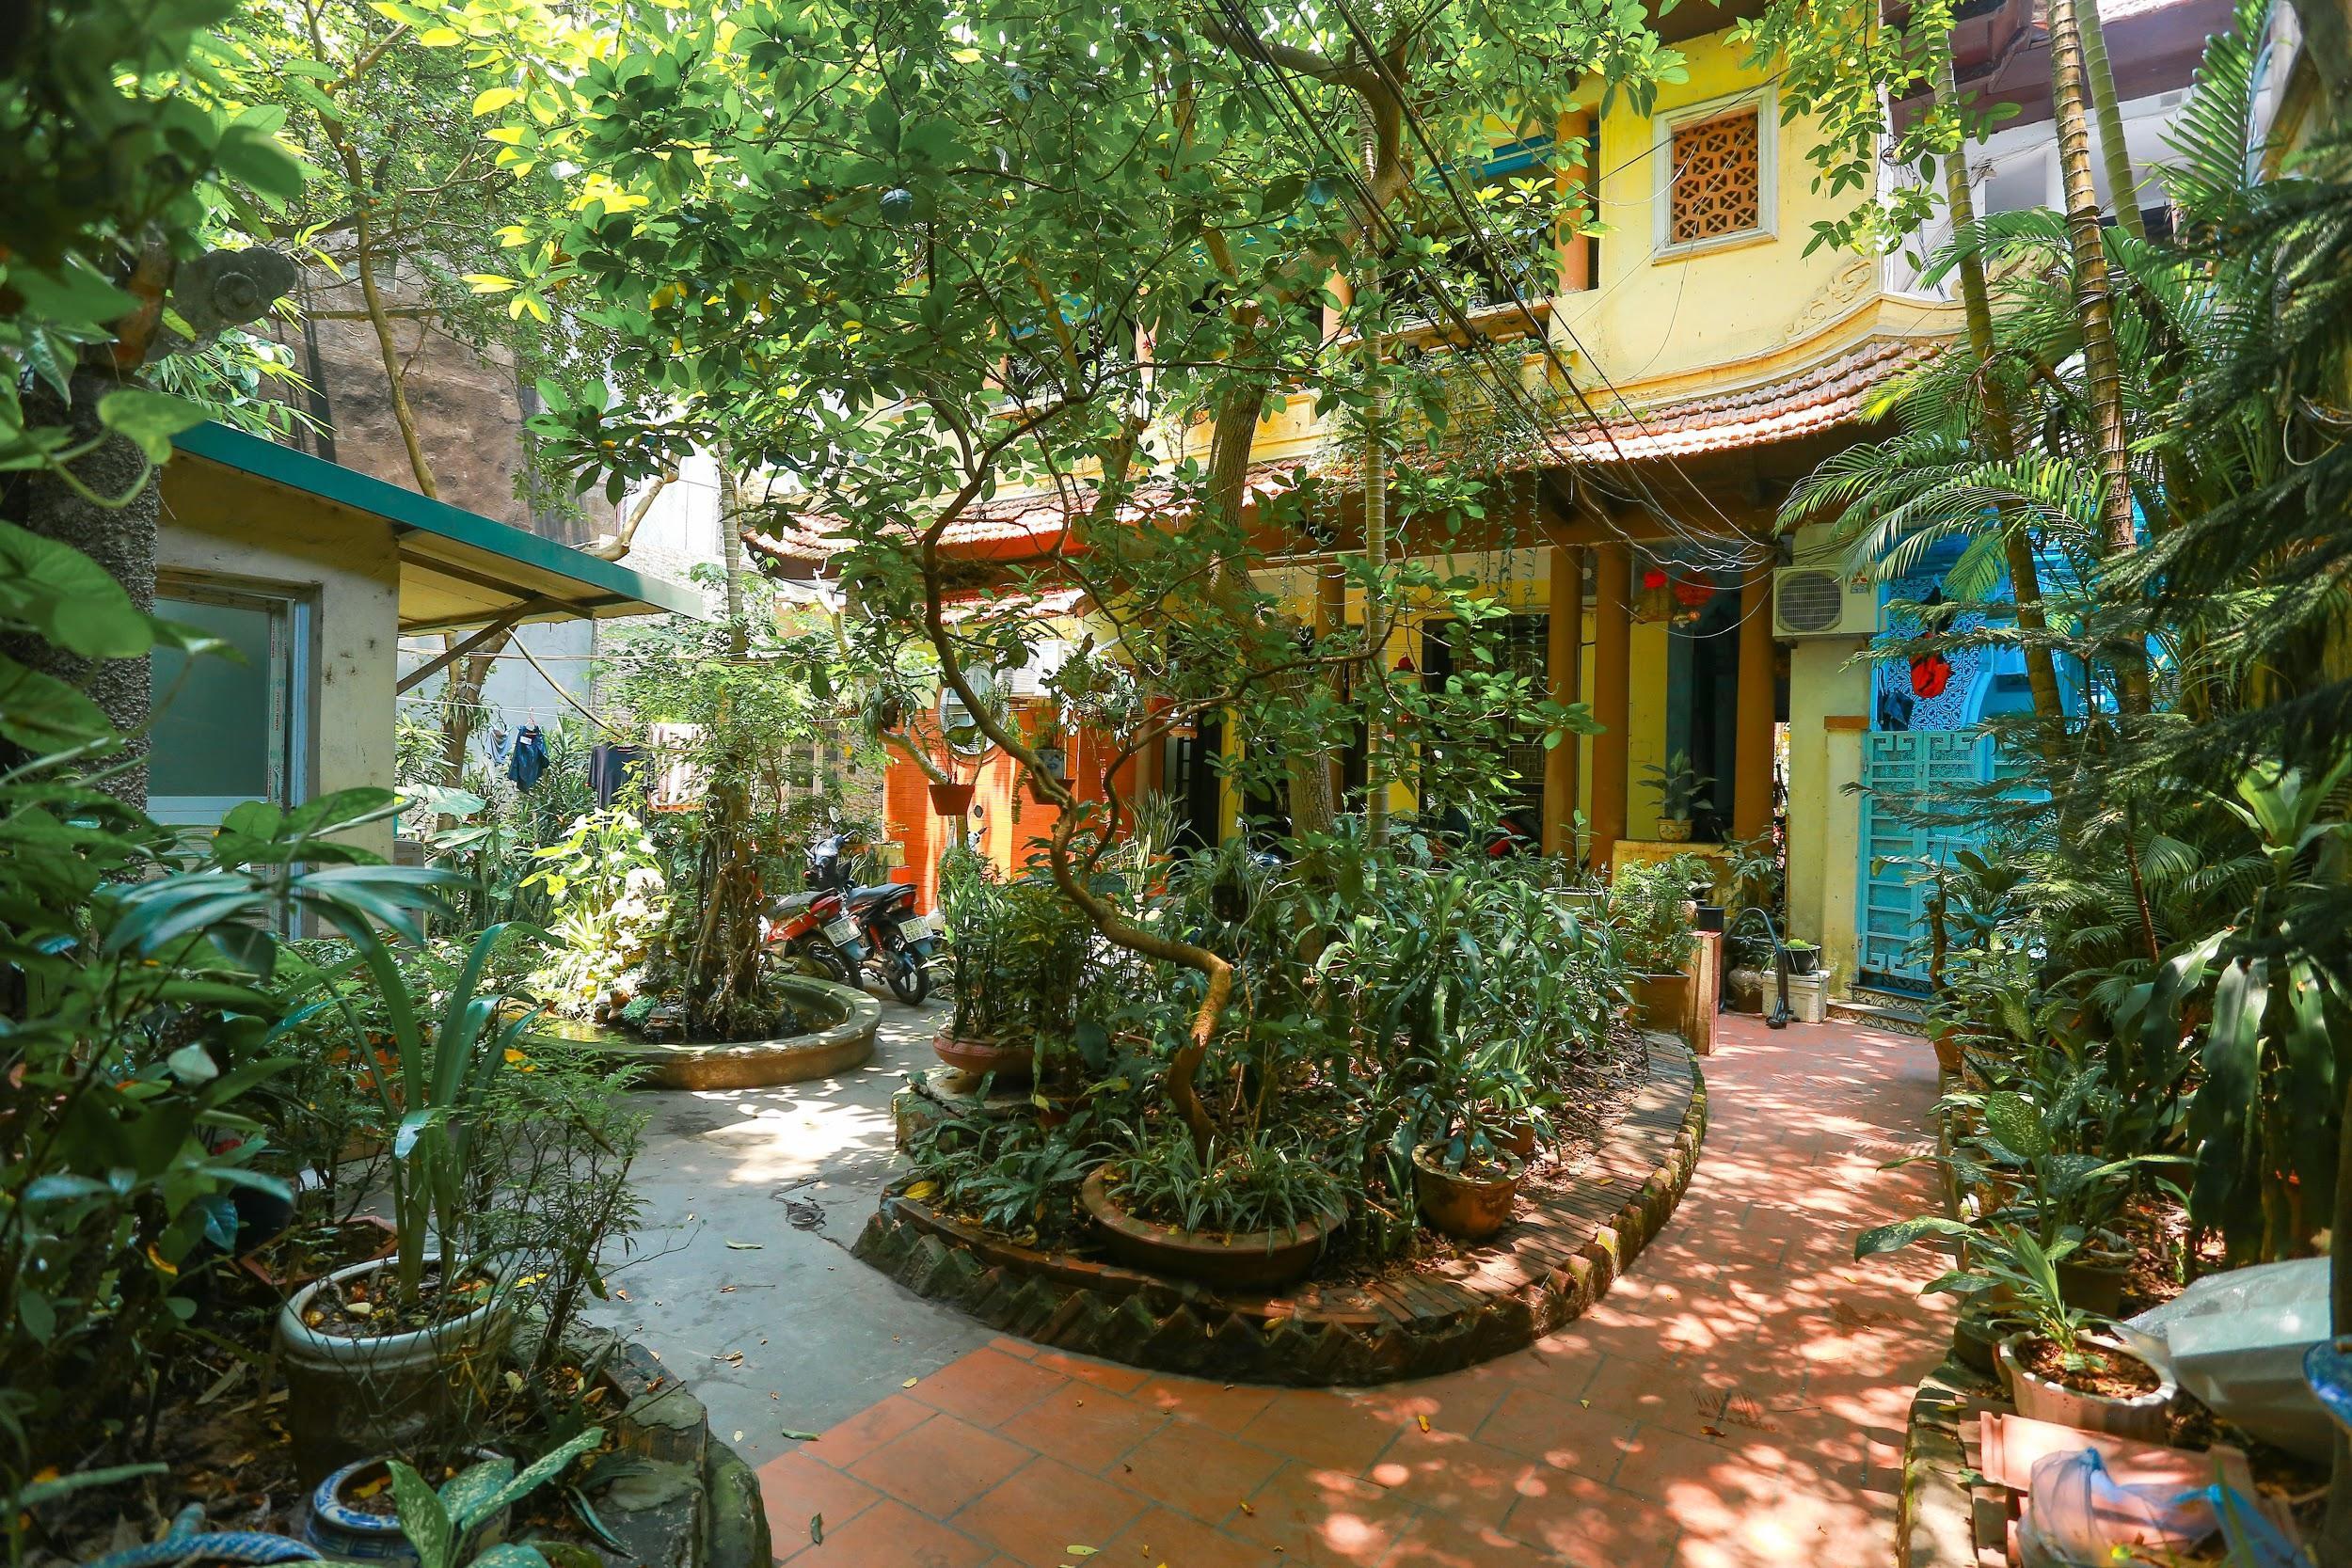 Biệt thự vườn rộng 700m2 của đại gia kim hoàn phố cổ Hà Nội một thời - 3